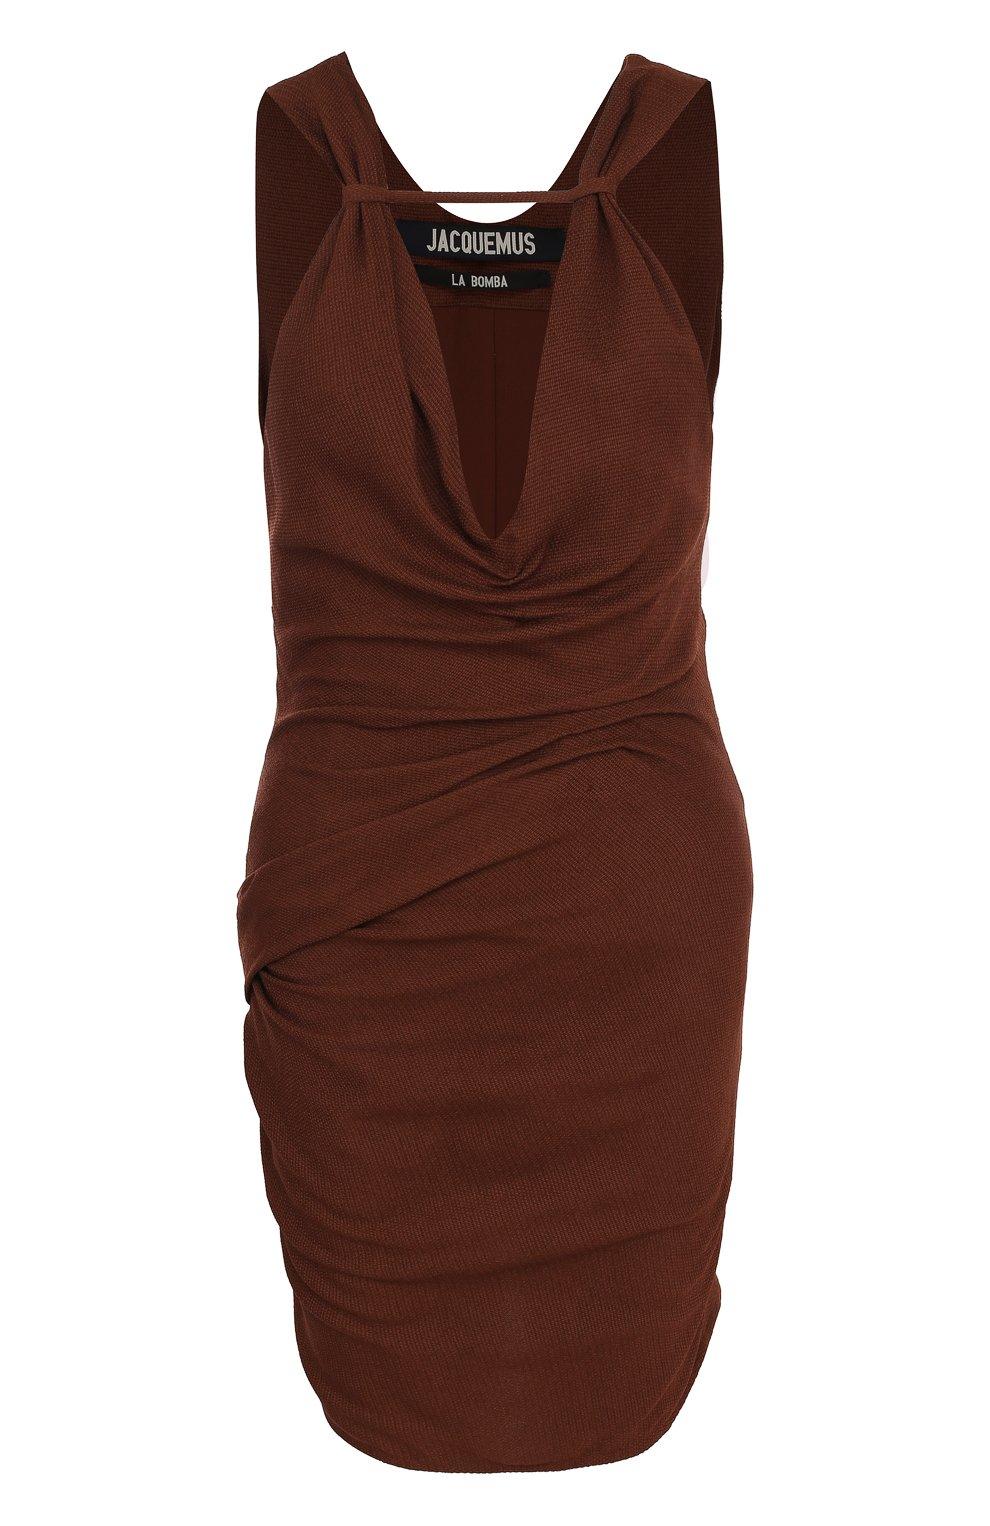 9cd7ae8fa88 Женские платья Jacquemus по цене от 33 700 руб. купить в интернет-магазине  ЦУМ